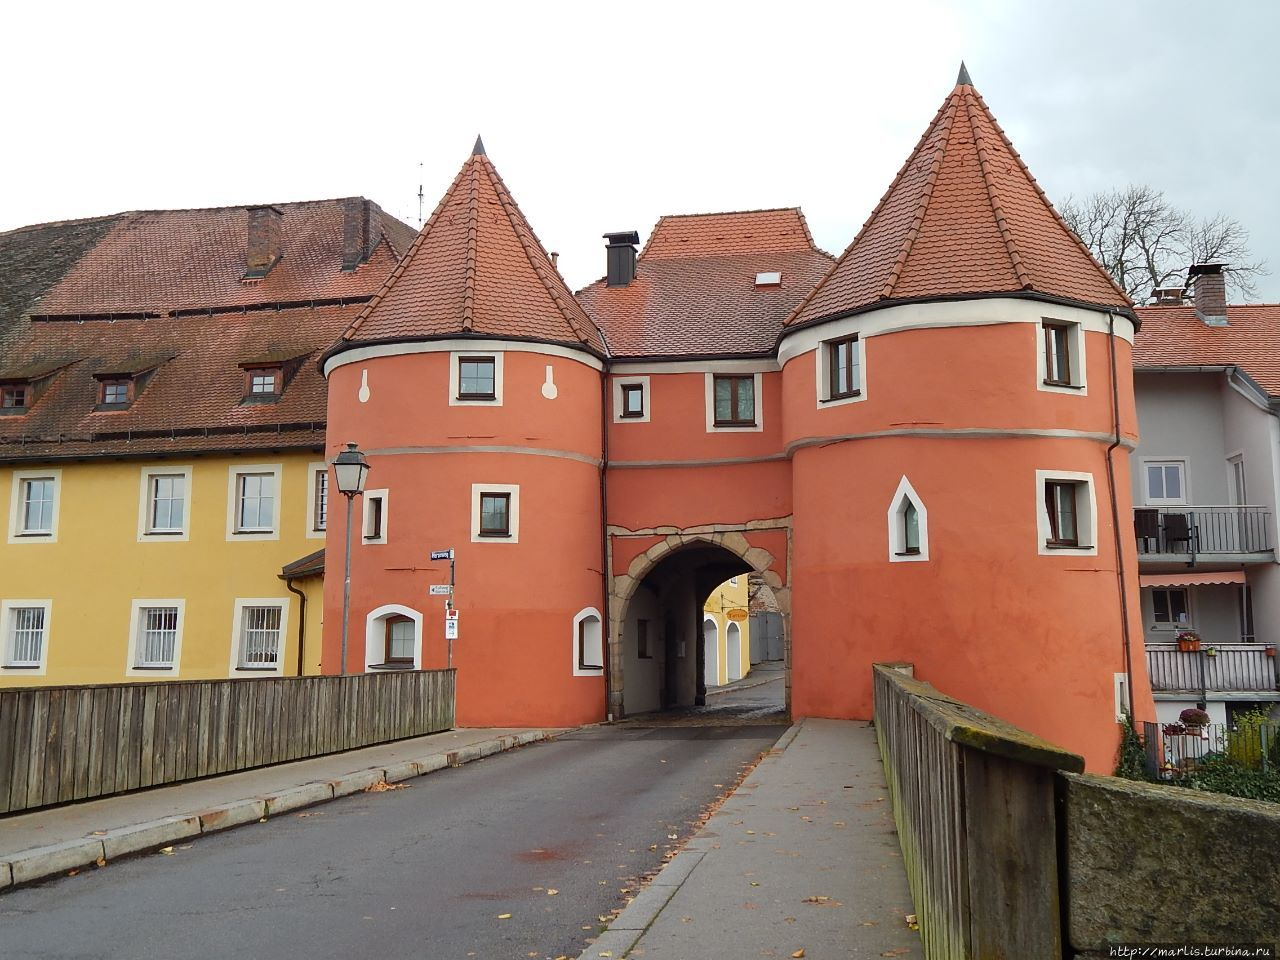 Пивные ворота — то, что осталось от крепостной стены. Кам, Германия